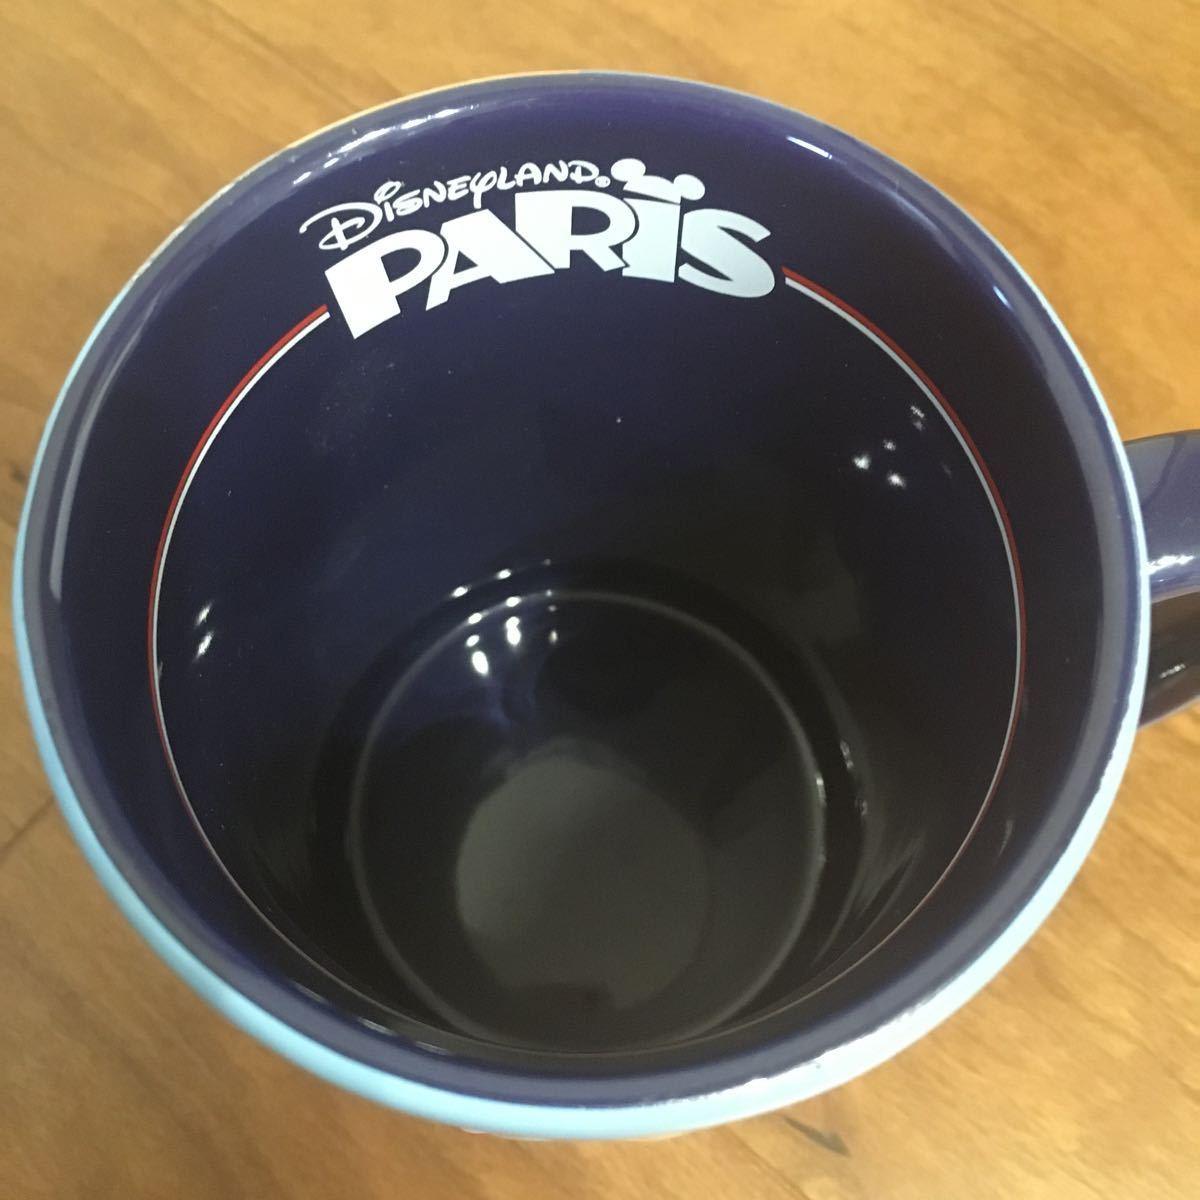 新品 未使用 パリ限定 ディズニーランド パリ PARIS マグカップ ビックサイズ ミッキー ミニー エッフェル塔 ダッフィ ロゴ入り ラメ_画像5